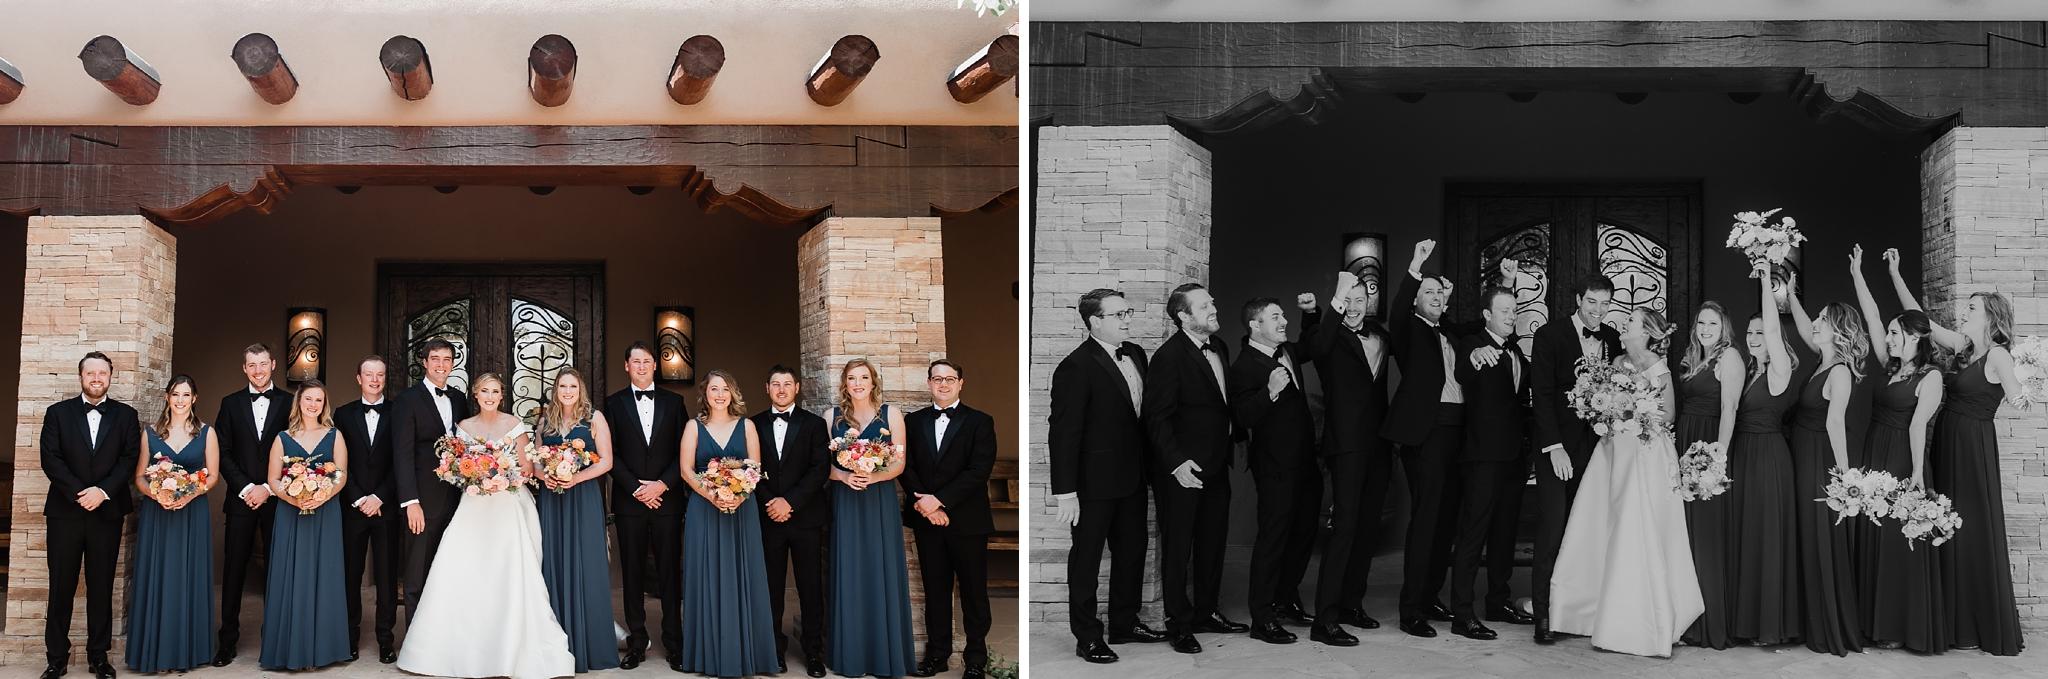 Alicia+lucia+photography+-+albuquerque+wedding+photographer+-+santa+fe+wedding+photography+-+new+mexico+wedding+photographer+-+new+mexico+wedding+-+las+campanas+wedding+-+santa+fe+wedding+-+maximalist+wedding+-+destination+wedding_0040.jpg